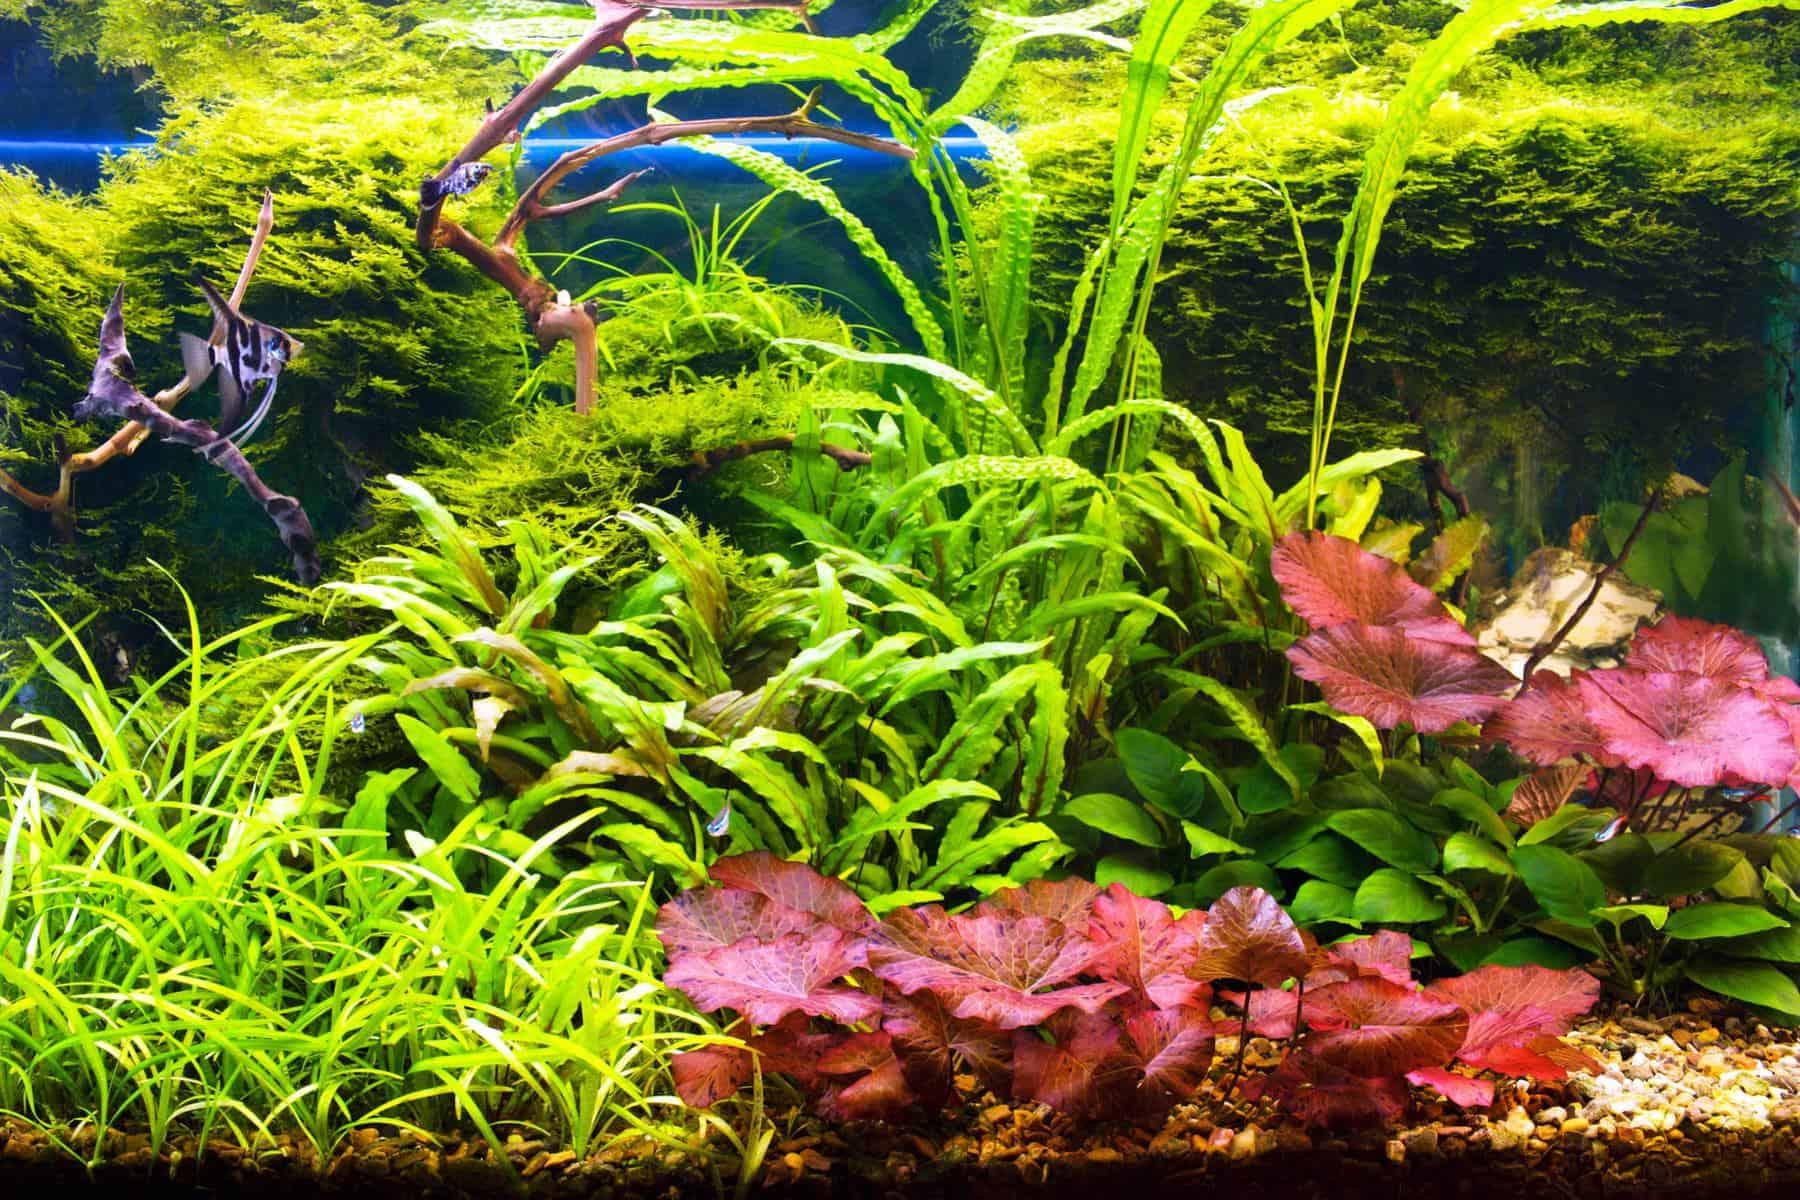 Red tiger lotus plant in aquarium